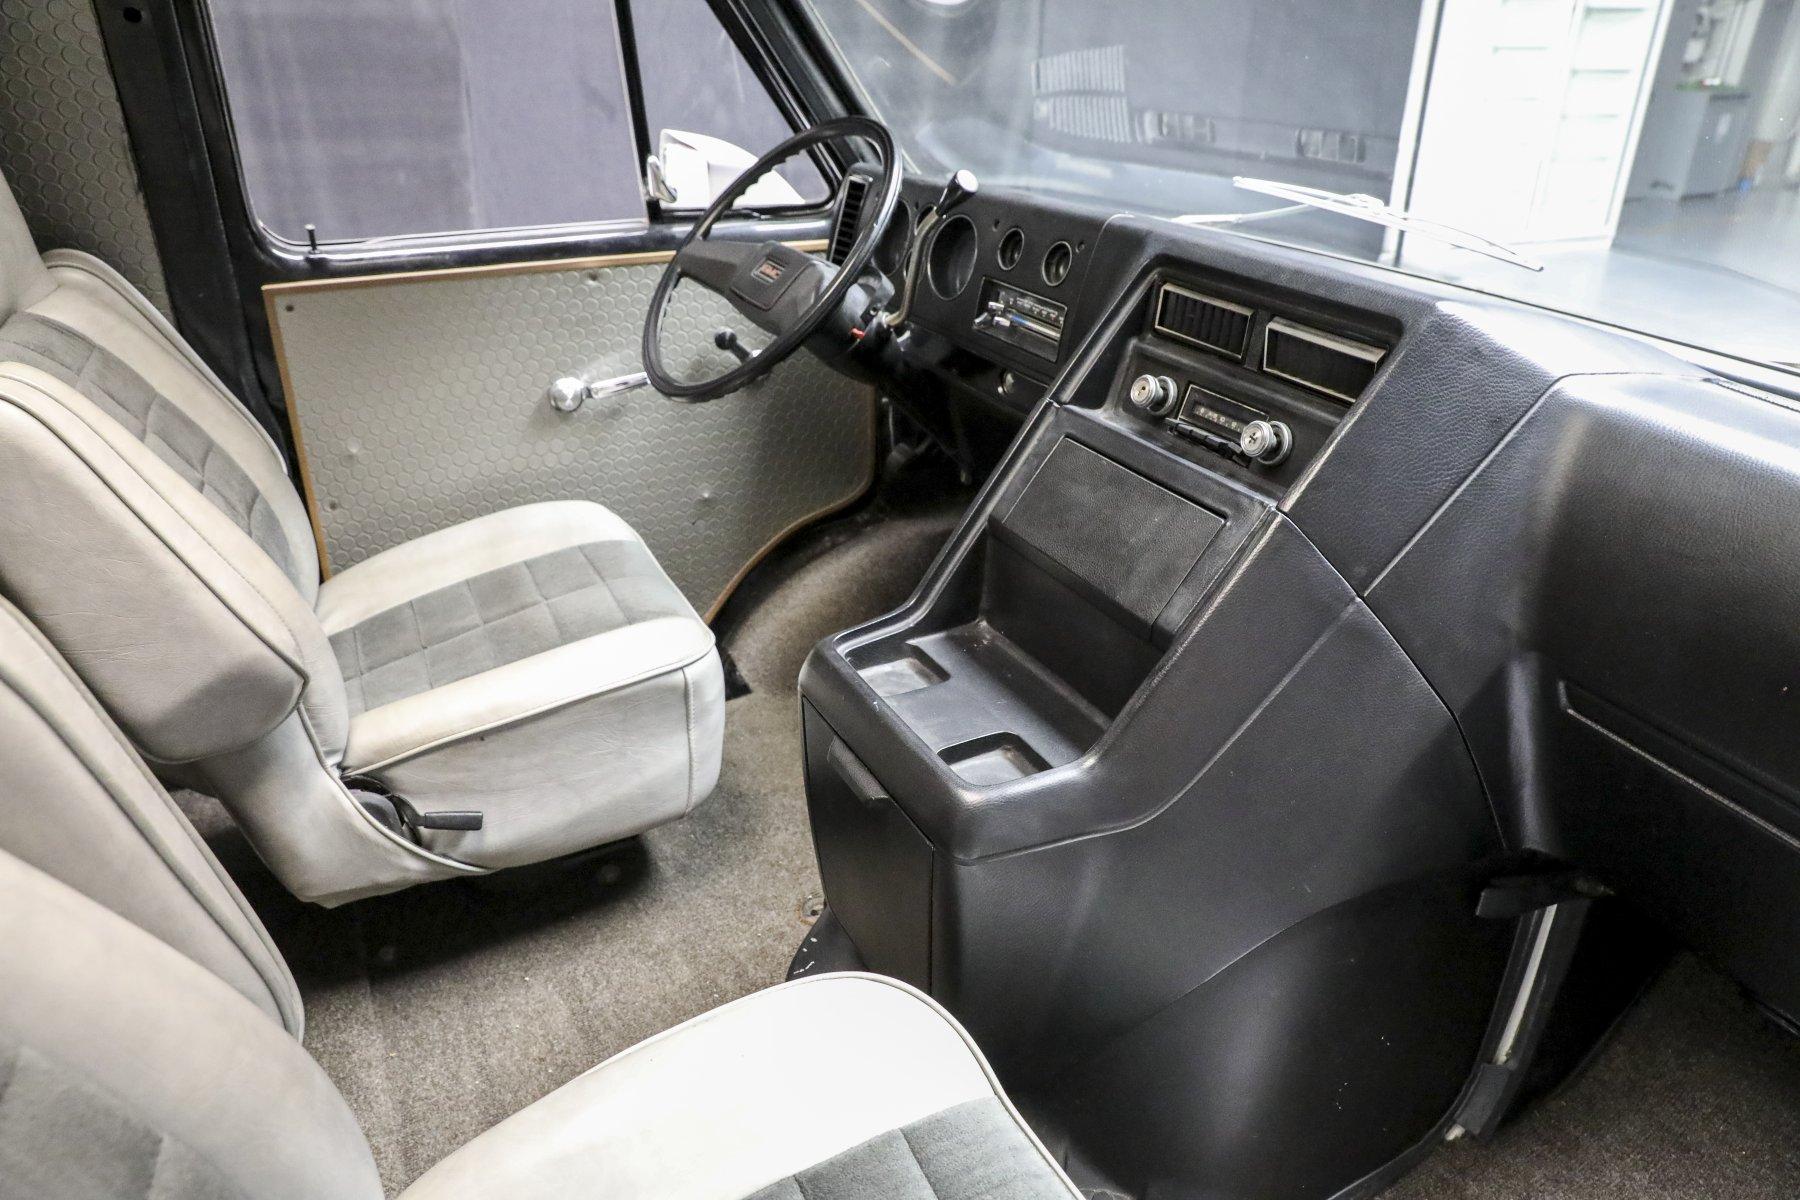 A-Team Van interior